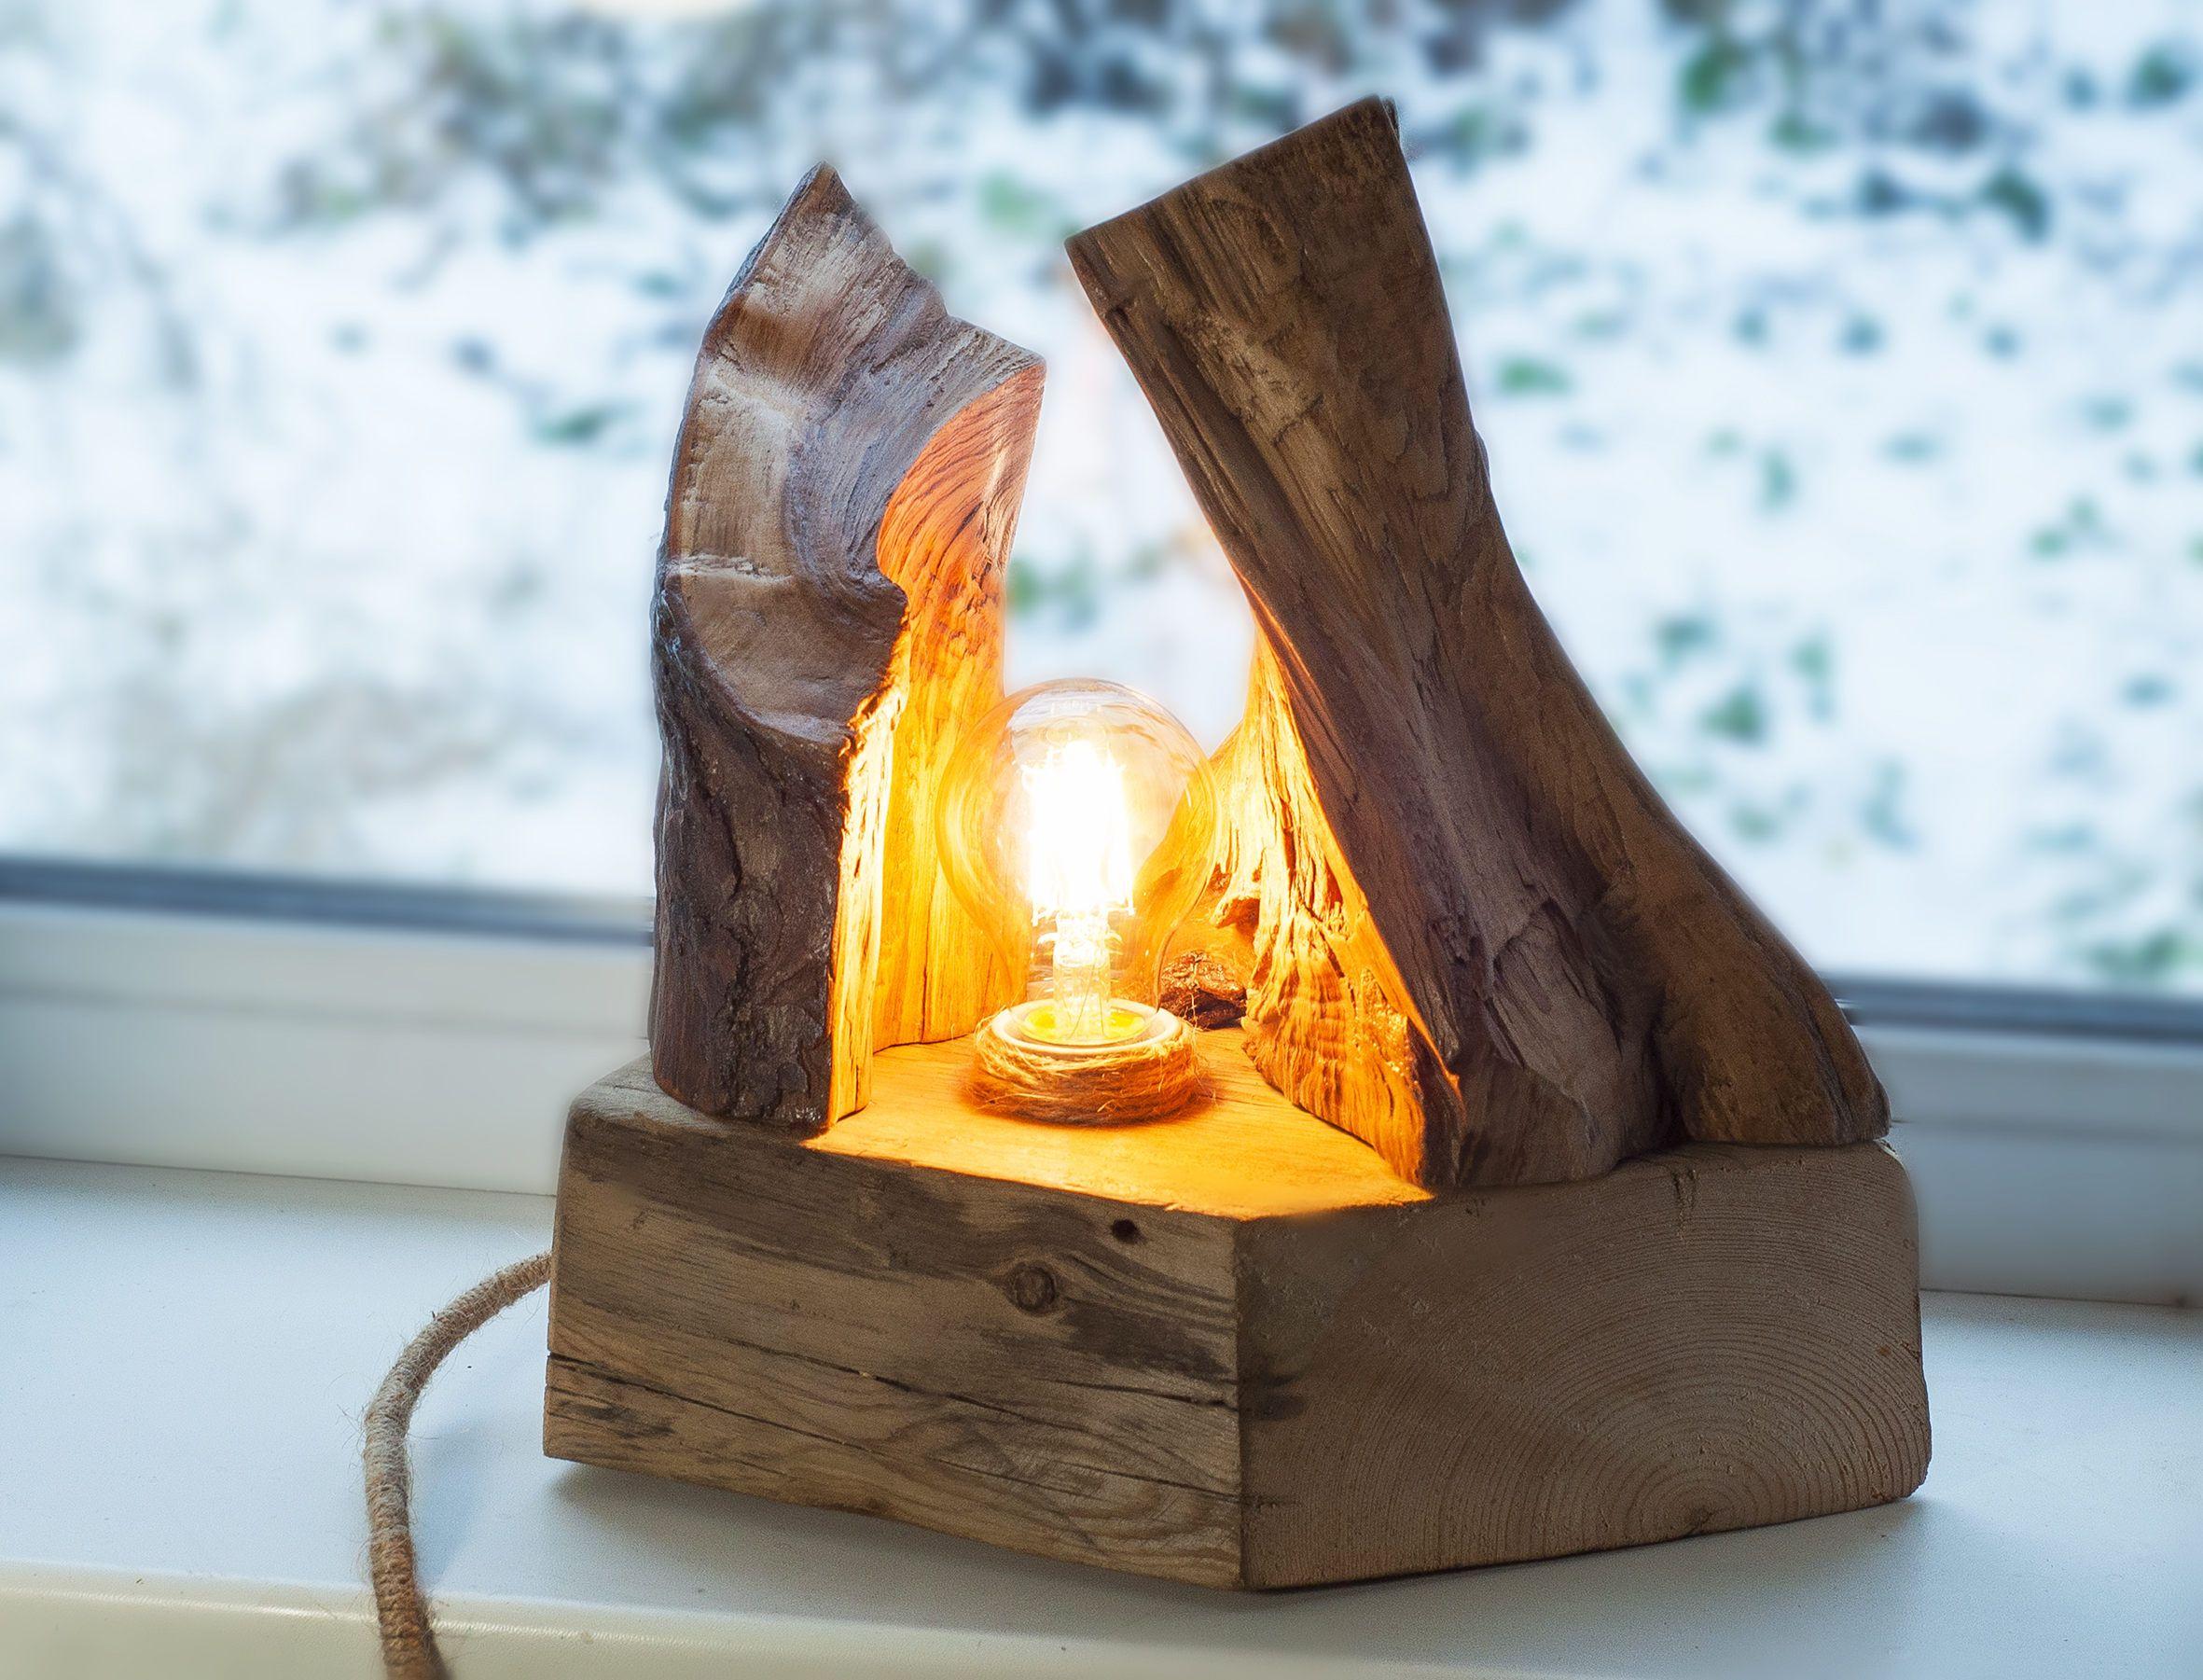 Wooden lamp Natural light Wood lamp Rustic light Driftwood lamp Handcrafted light Natural wood lamp Desk Light Wood log lamp